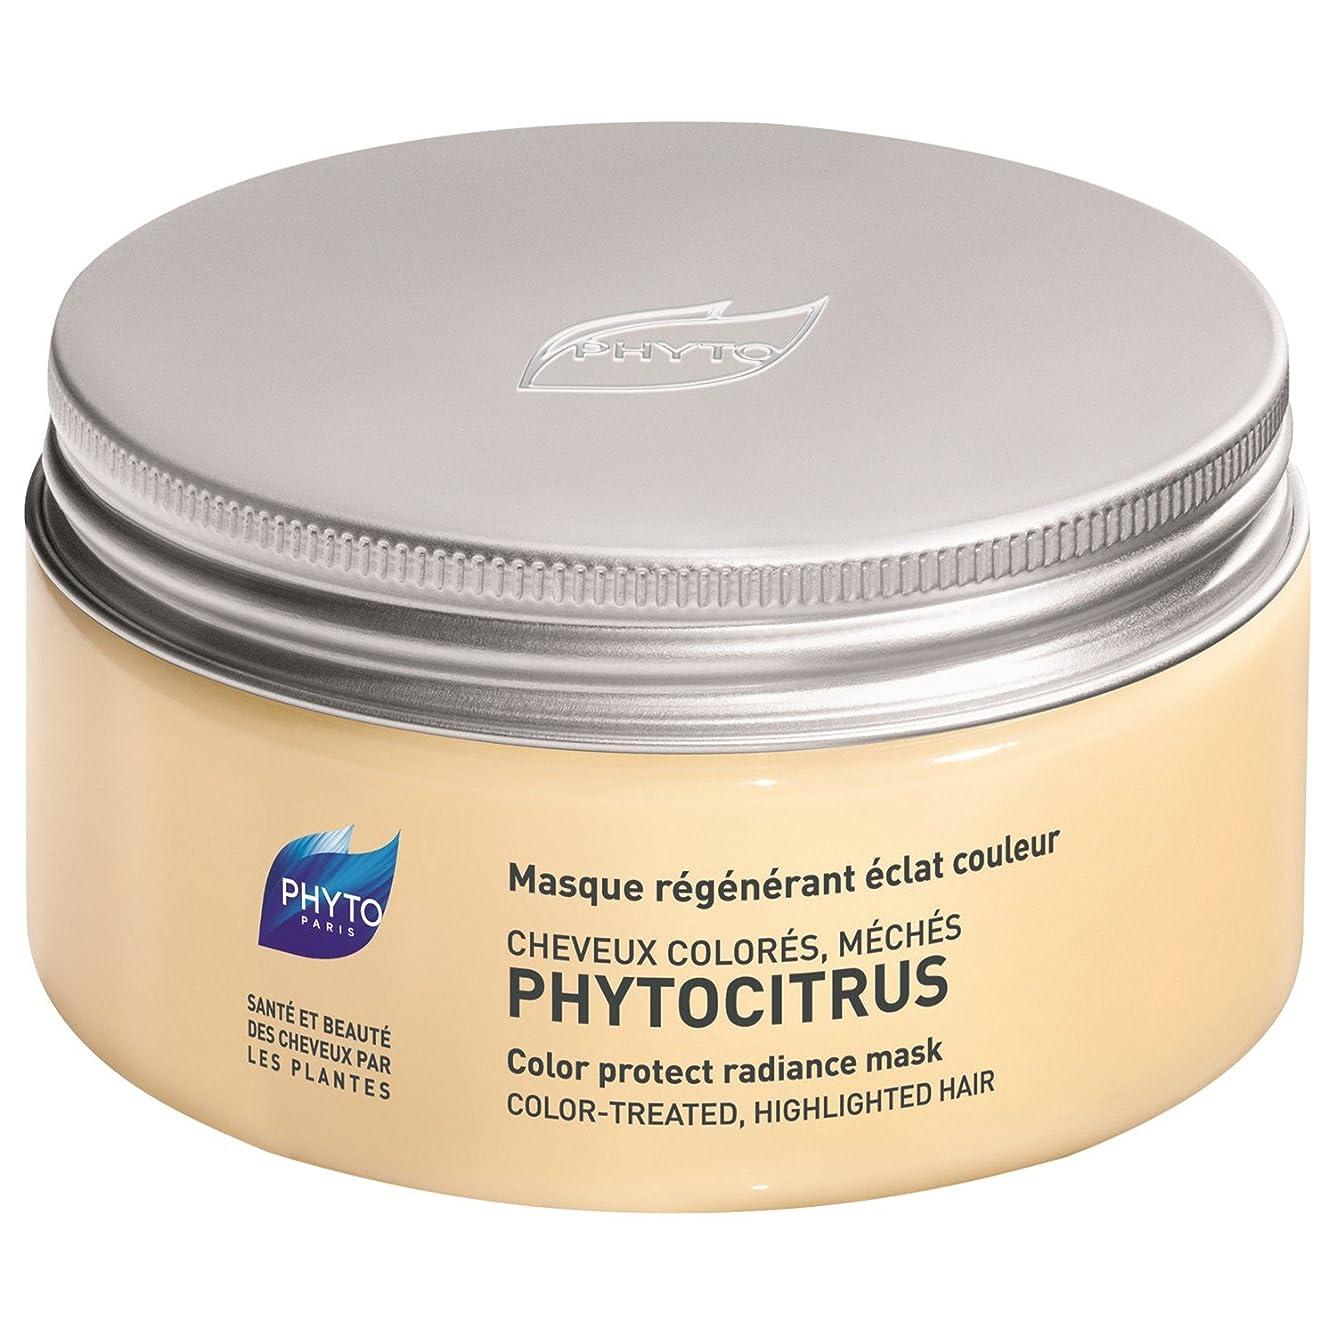 永久に義務薄暗いフィトPhytocitrus色保護放射輝度マスク200ミリリットル (Phyto) (x6) - Phyto Phytocitrus Colour Protect Radiance Mask 200ml (Pack of 6) [並行輸入品]